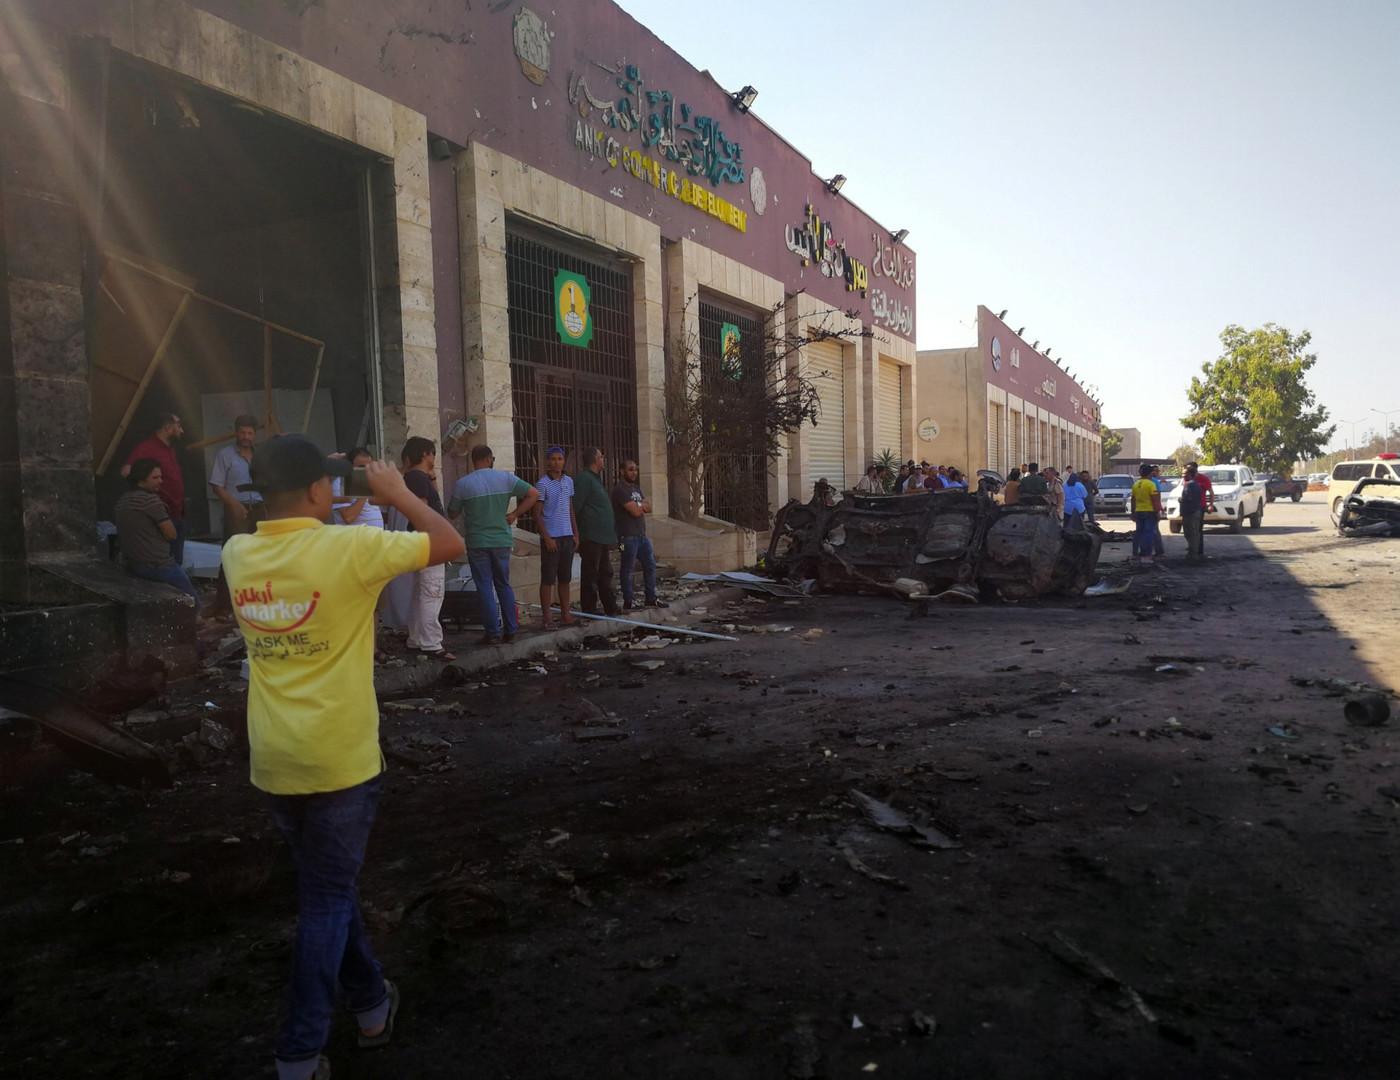 بعد مقتل موظفين أمميين.. مجلس الأمن الدولي يدعو لخفض وتائر العنف في ليبيا